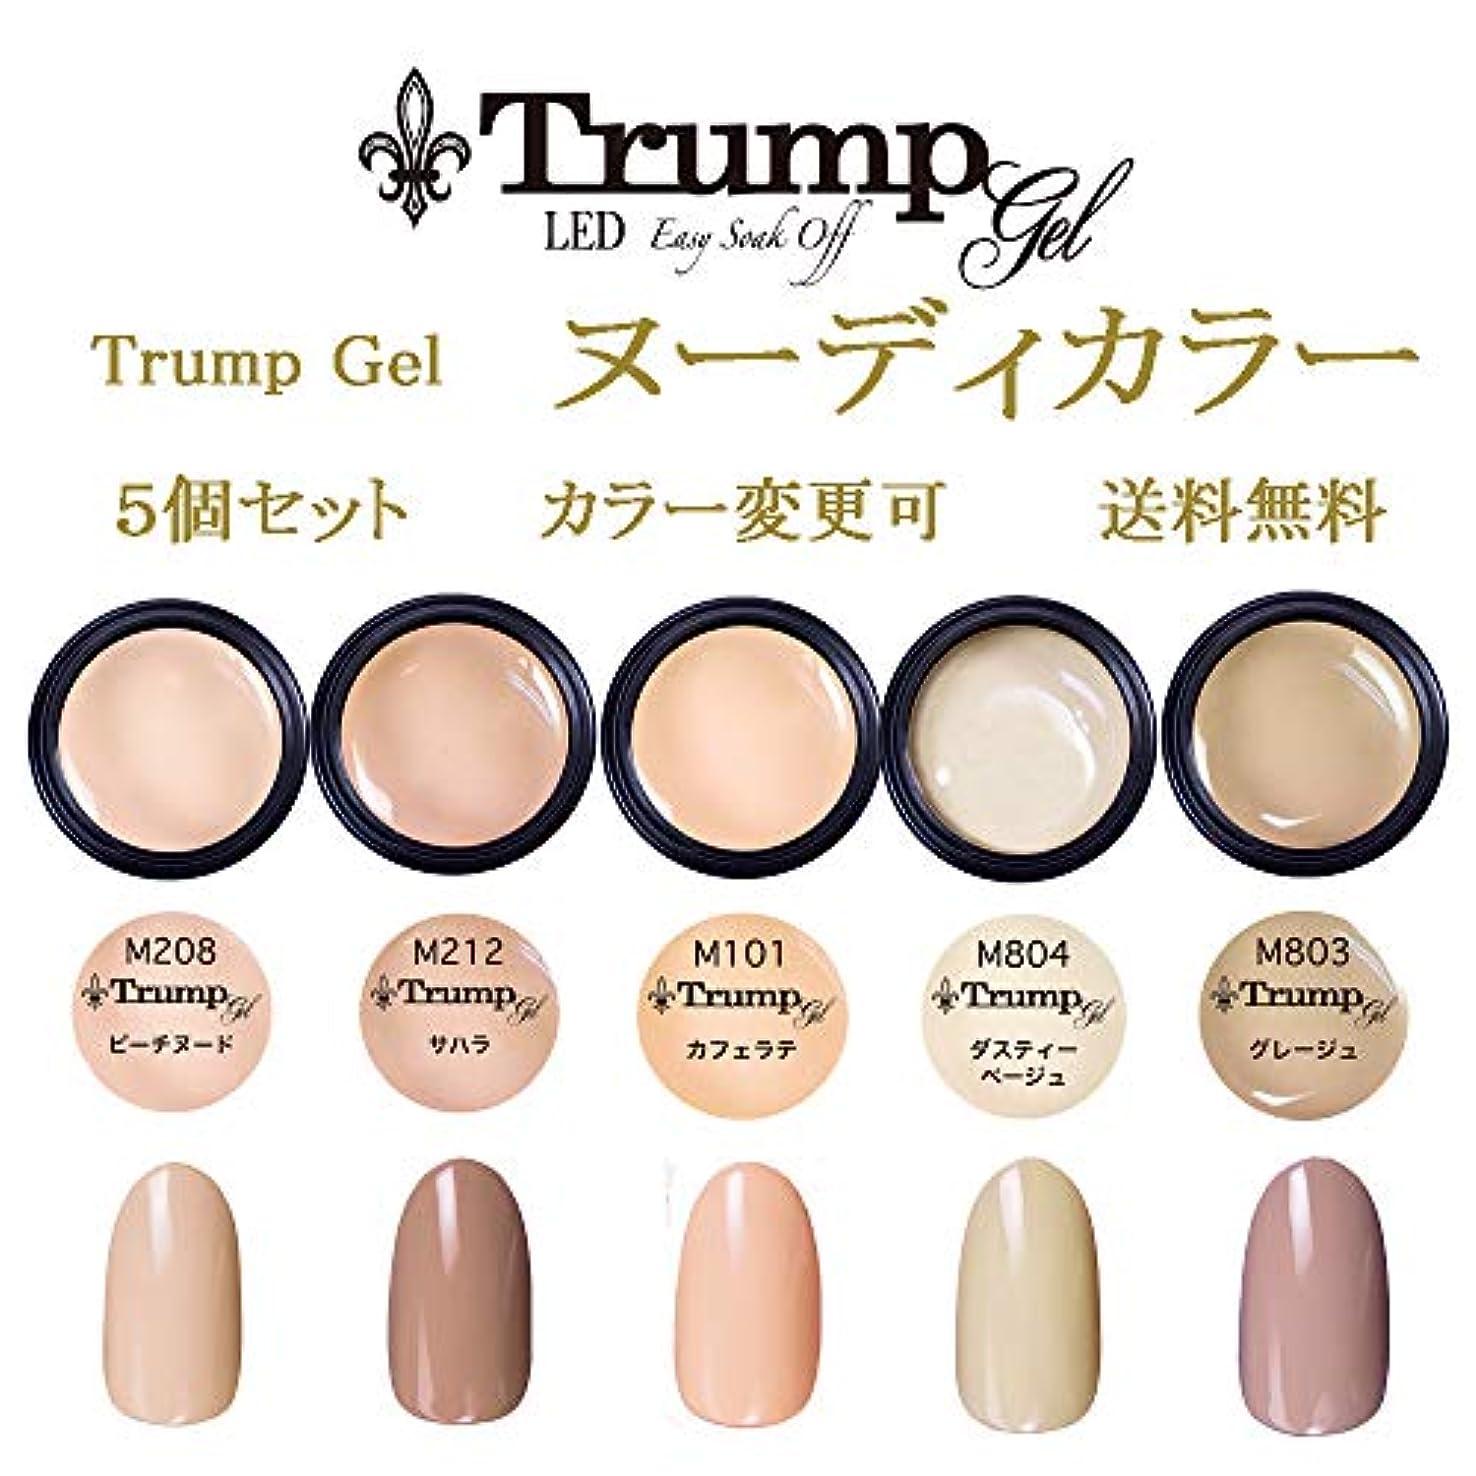 読書アメリカ未接続日本製 Trump gel トランプジェル ヌーディカラー 選べる カラージェル 5個セット ベージュ ブラウン ピンク